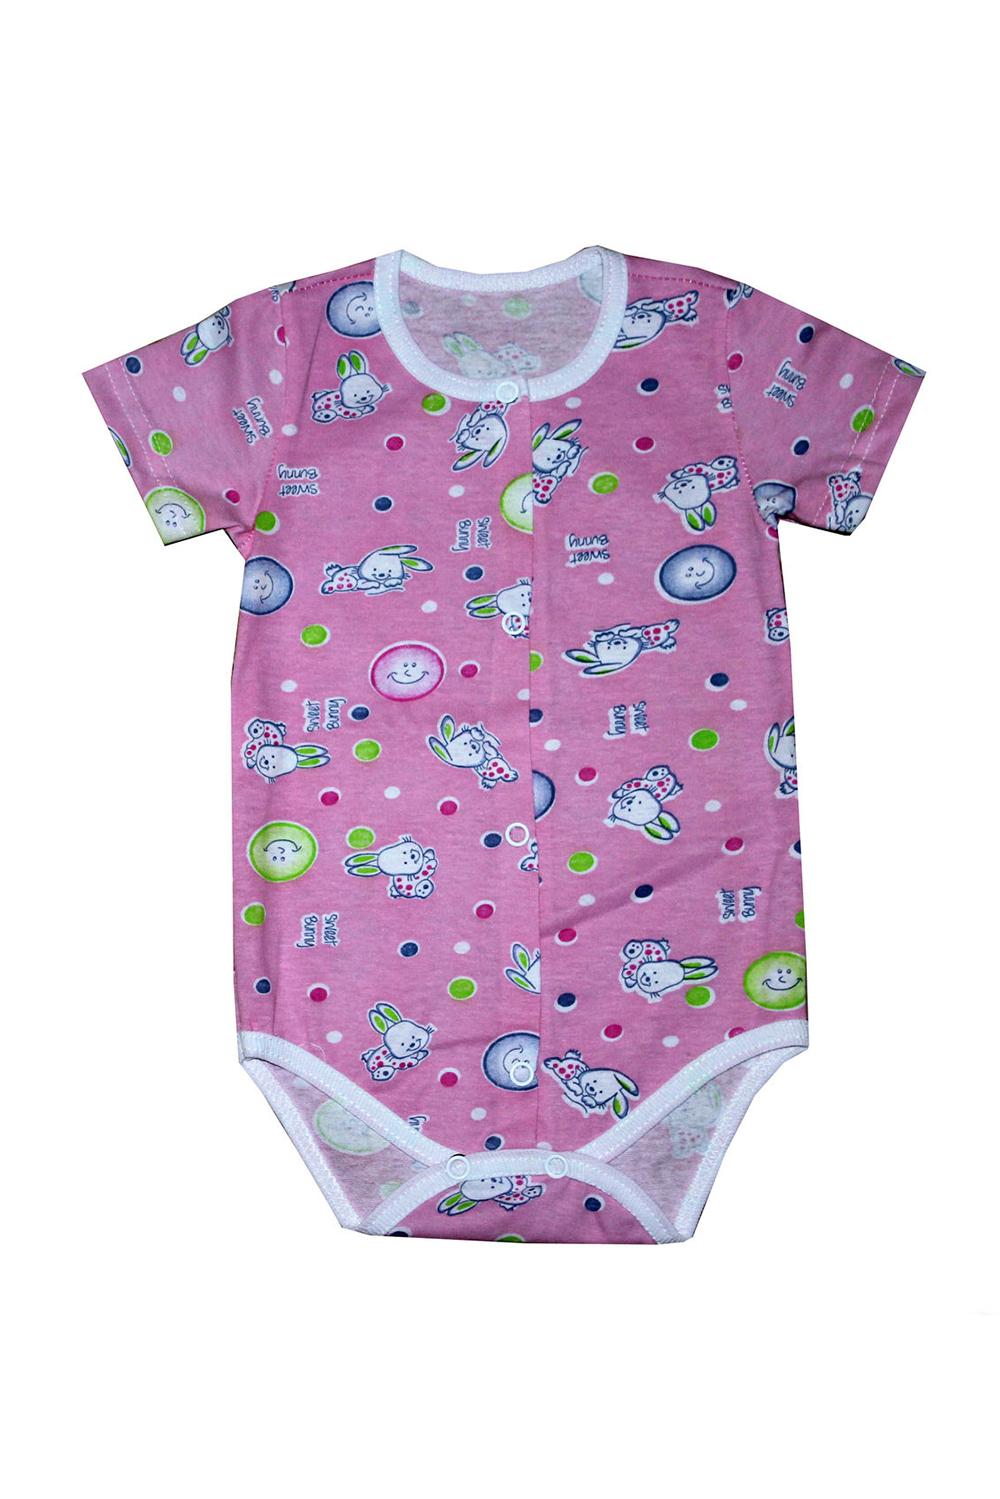 БодиКофточки<br>Хлопковое боди для новорожденного  В изделии использованы цвета: темно-розовый, мультицвет  Размер соответствует росту ребенка.<br><br>По сезону: Всесезон<br>Размер : 62,74<br>Материал: Хлопок<br>Количество в наличии: 4